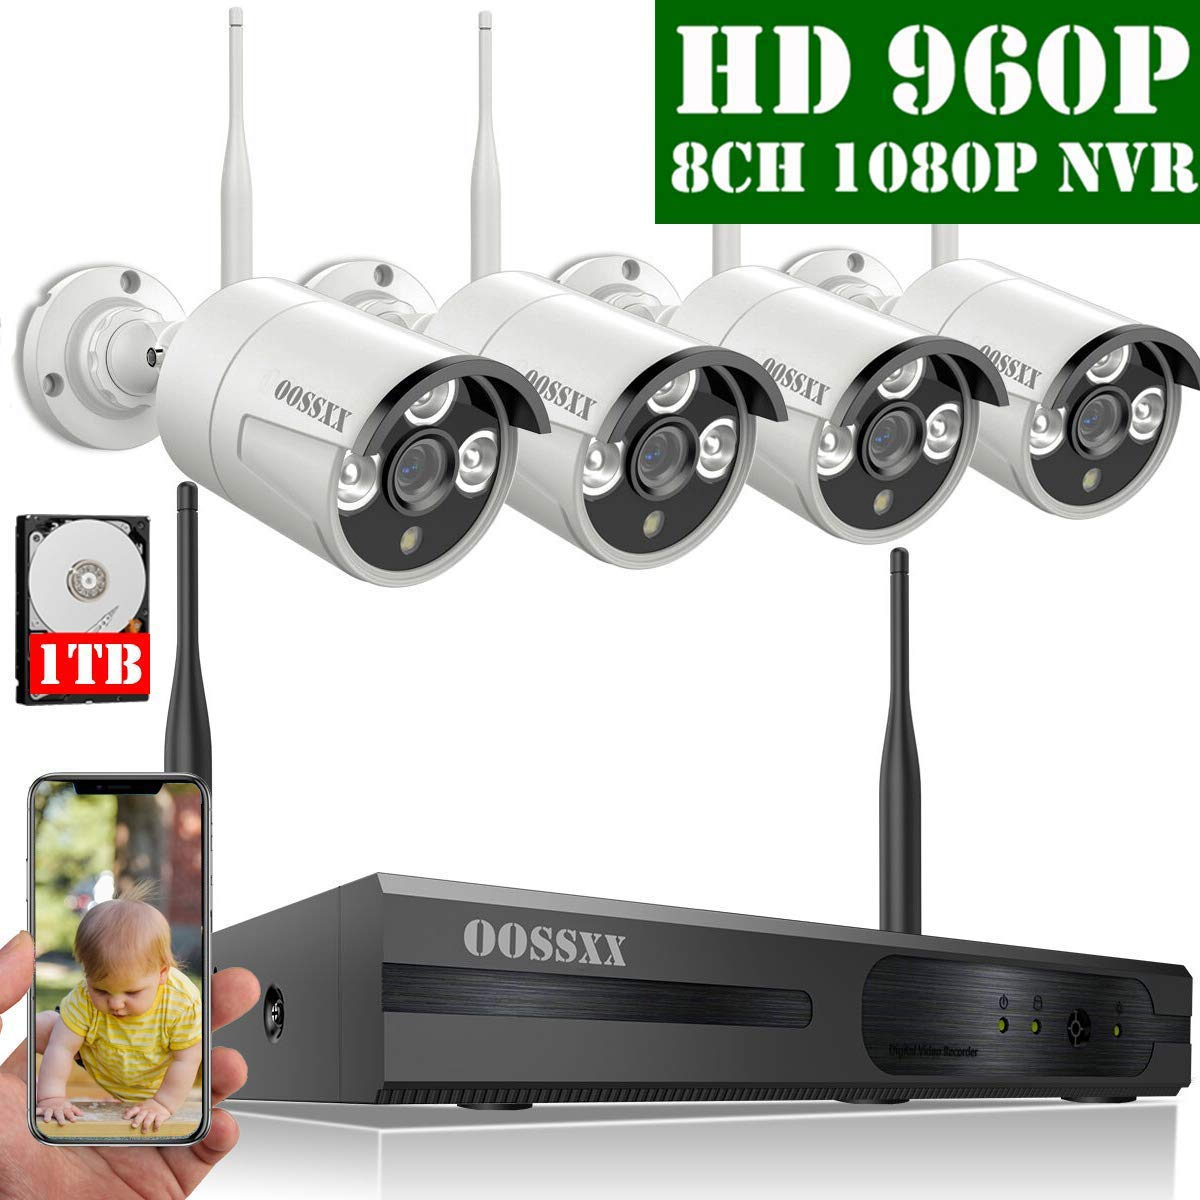 【2020 Nuevo】Sistema de Cámara Inalámbrica de Seguridad Interior/Exterior, 8 Canal 1080P NVR Kit 4 960P IP Cámaras de Videovigilancia WiFi Exterior con Alarma de Detección de Movimiento, 1TB Disco Duro